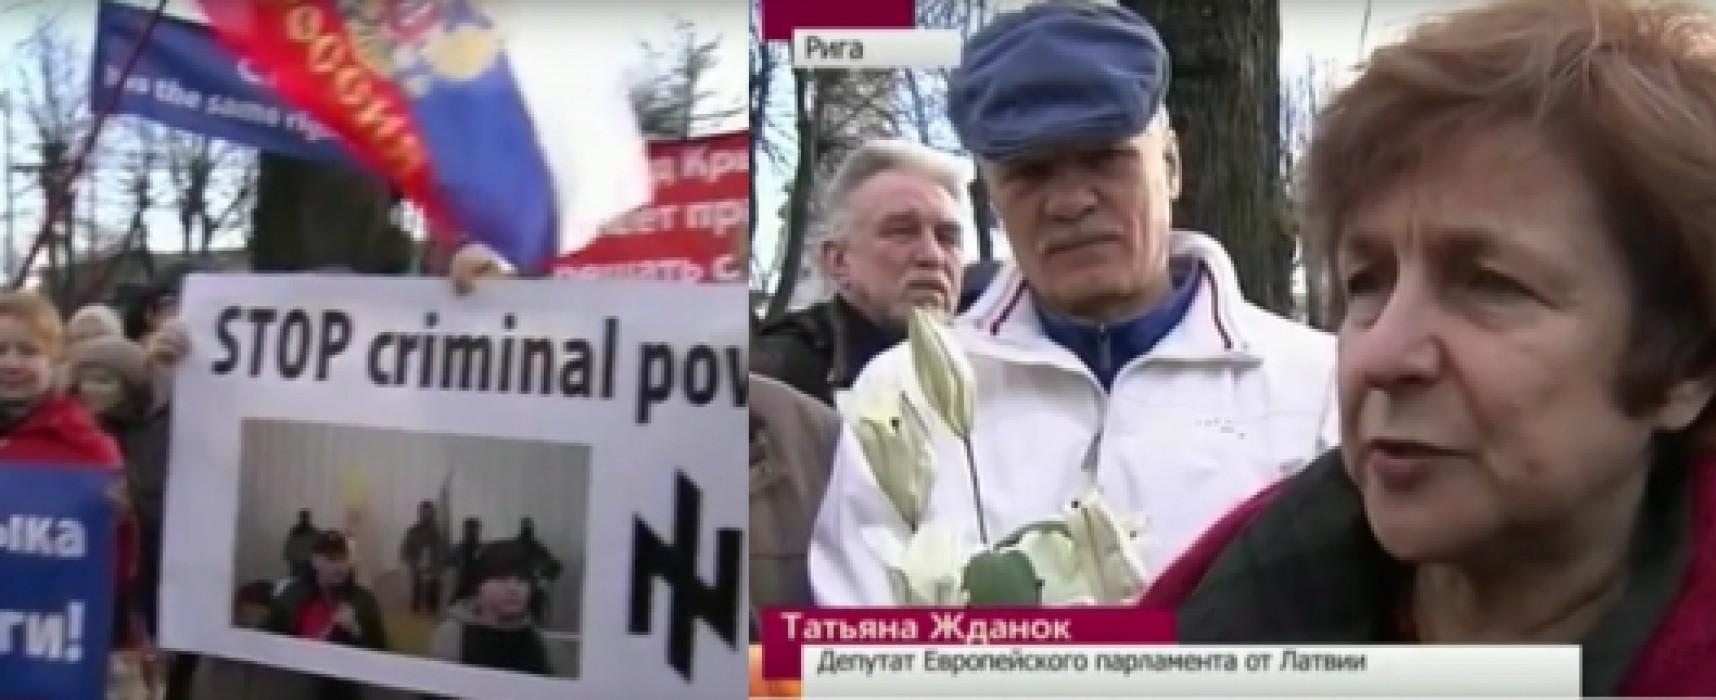 Kremlin's Millions